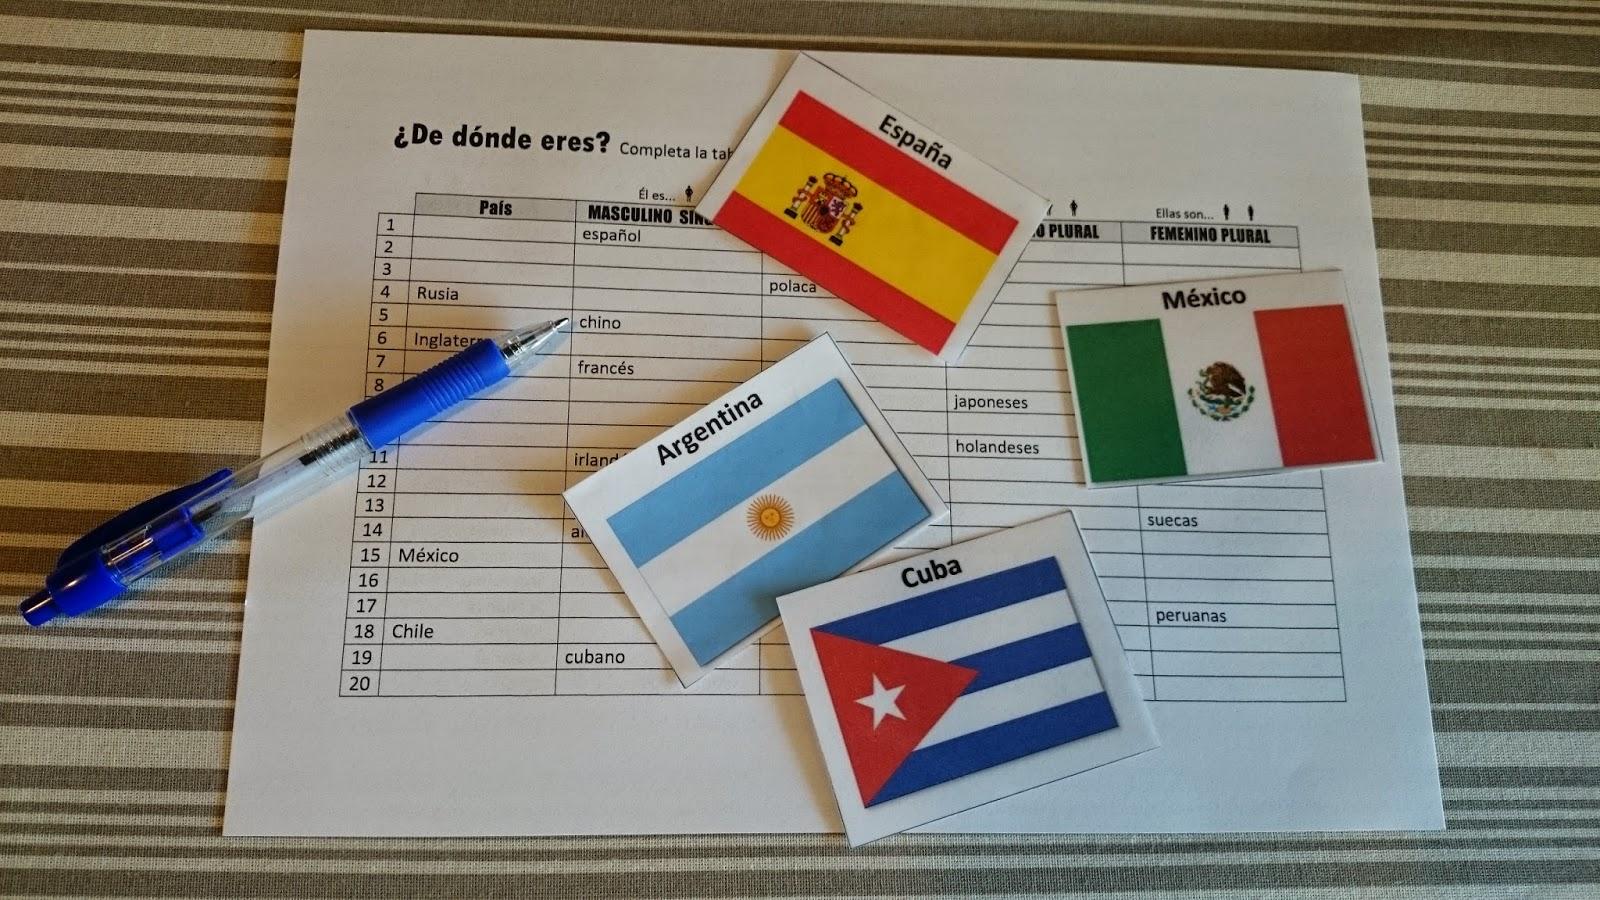 Almendra Mi Blog De Ele Paises Y Nacionalidades